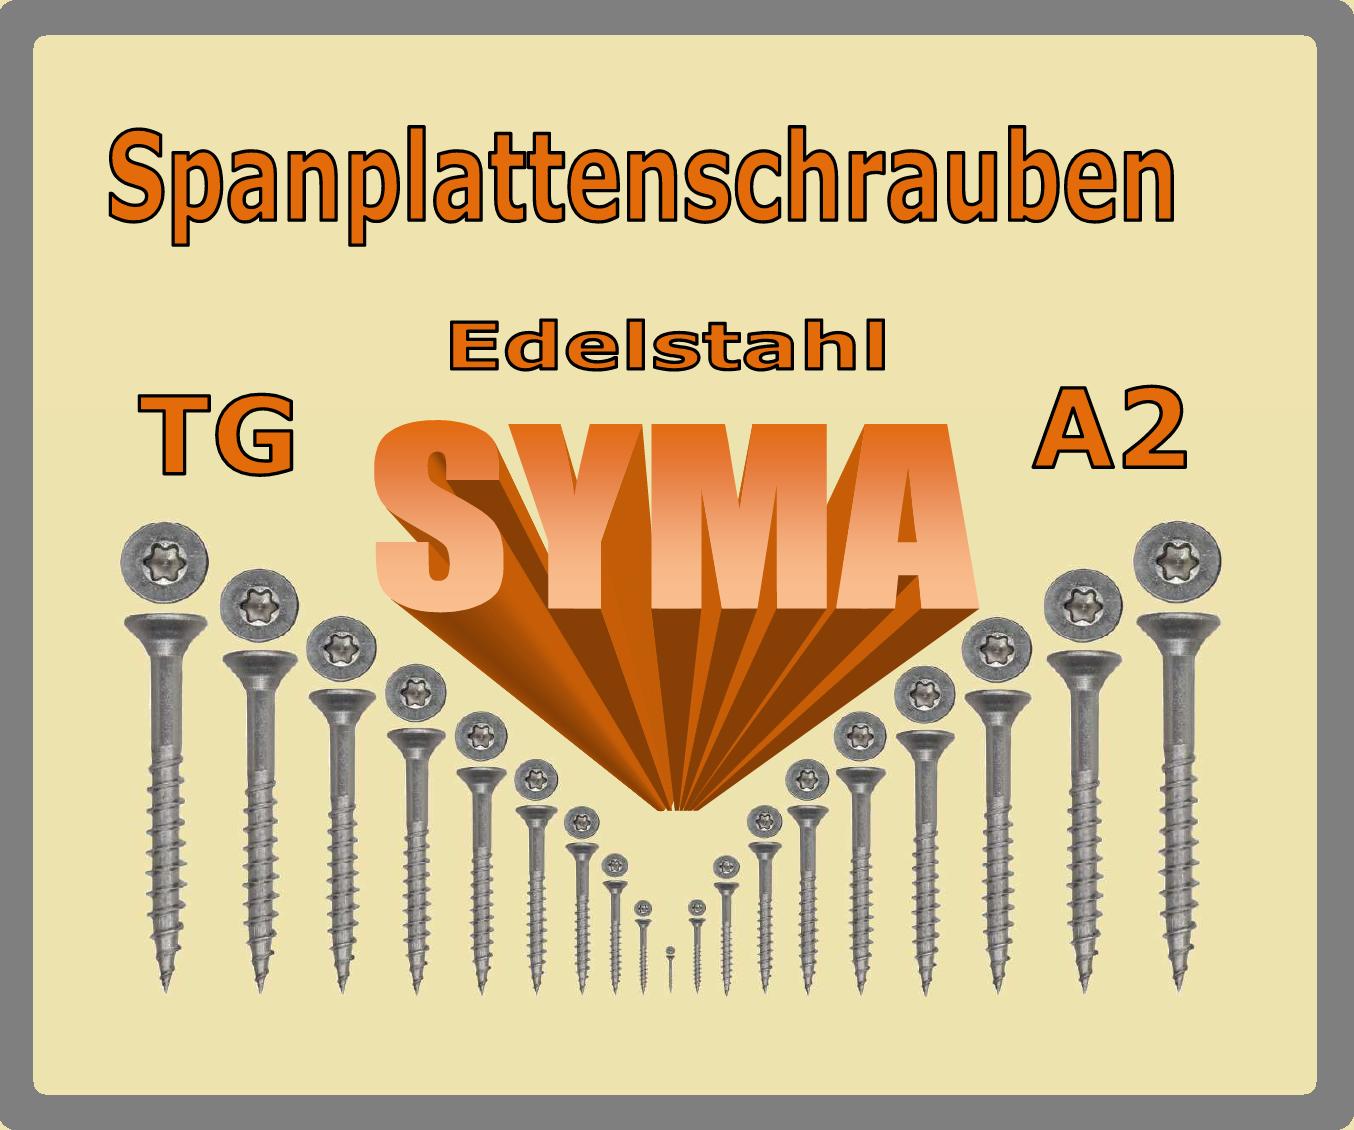 Spanplattenschrauben TORX Edelstahl A2 V  4,5 X 35 mm mit Senkkopf TG  | Mangelware